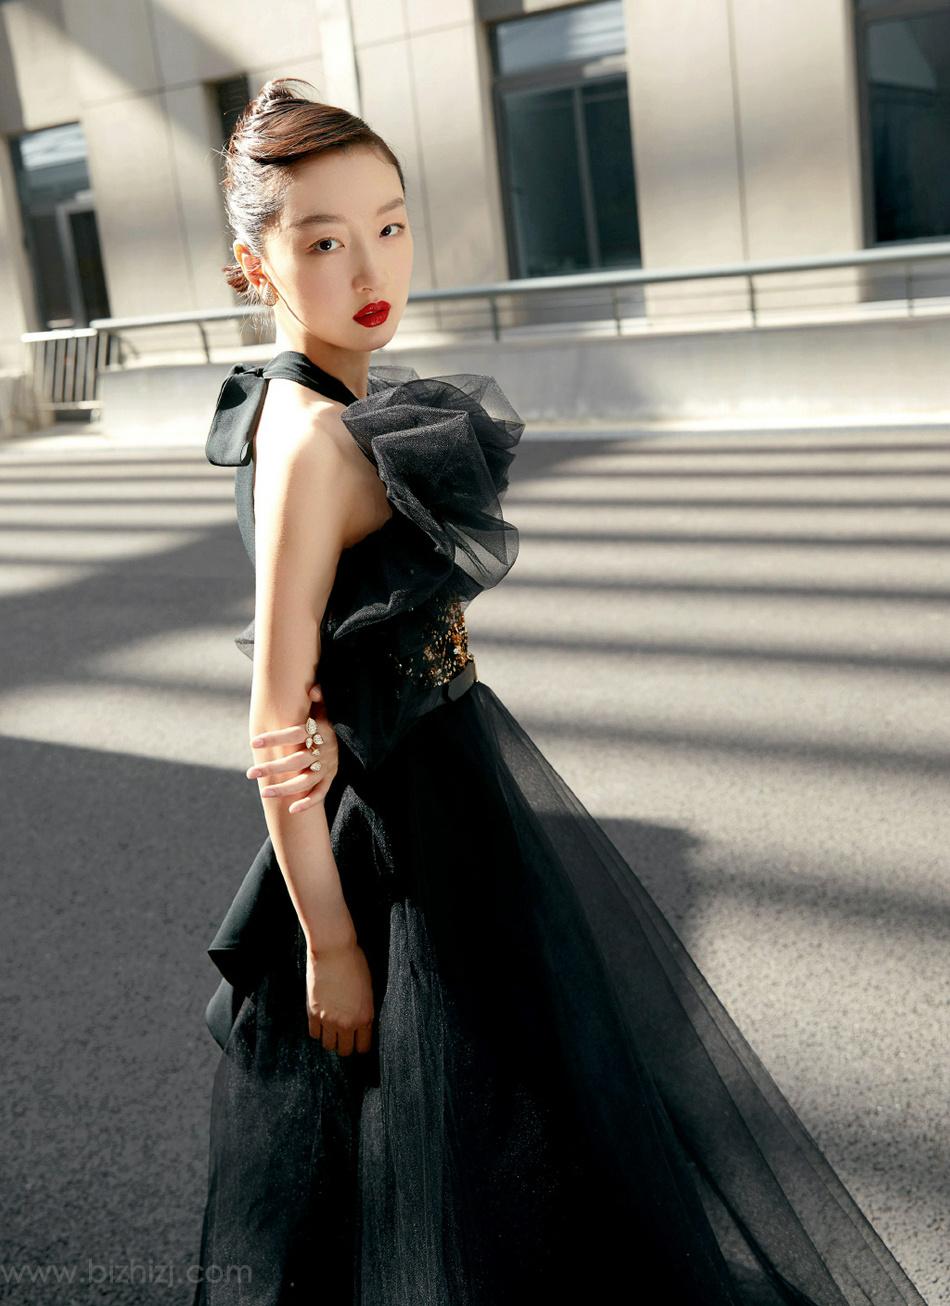 周冬雨红唇大背梳搭配黑色纱裙成熟风打扮街拍写真